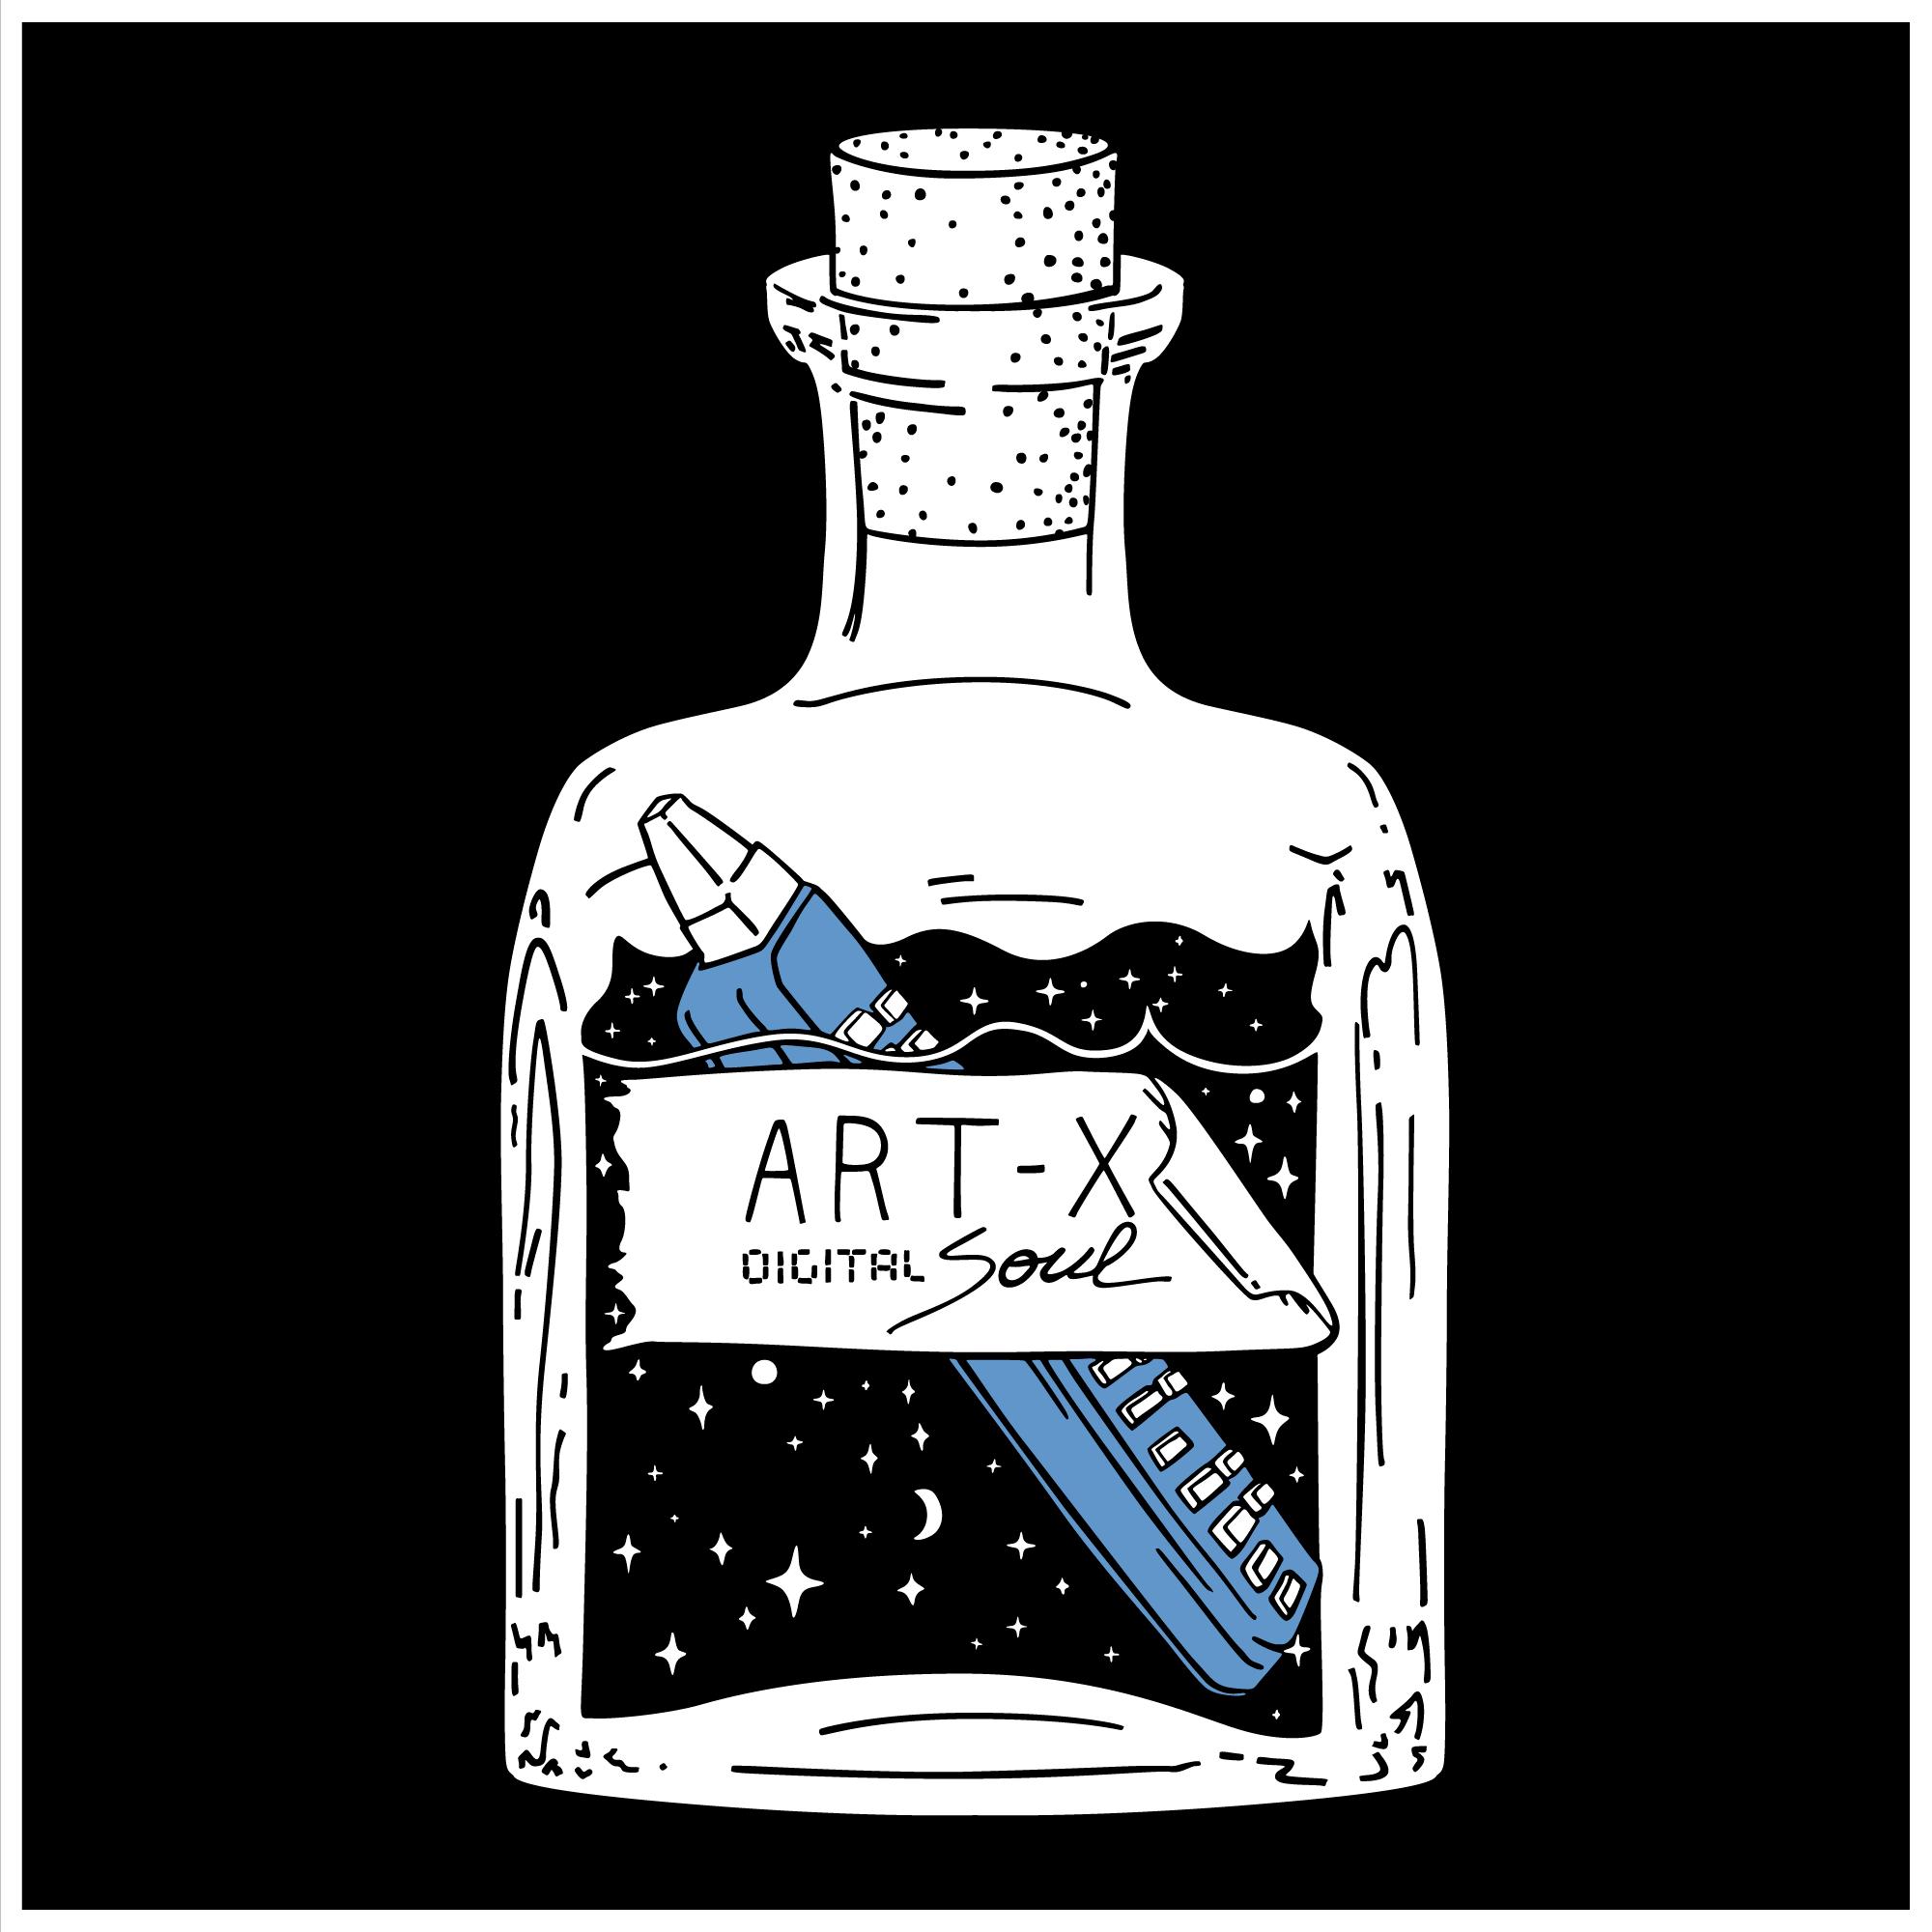 artx-digital-soul